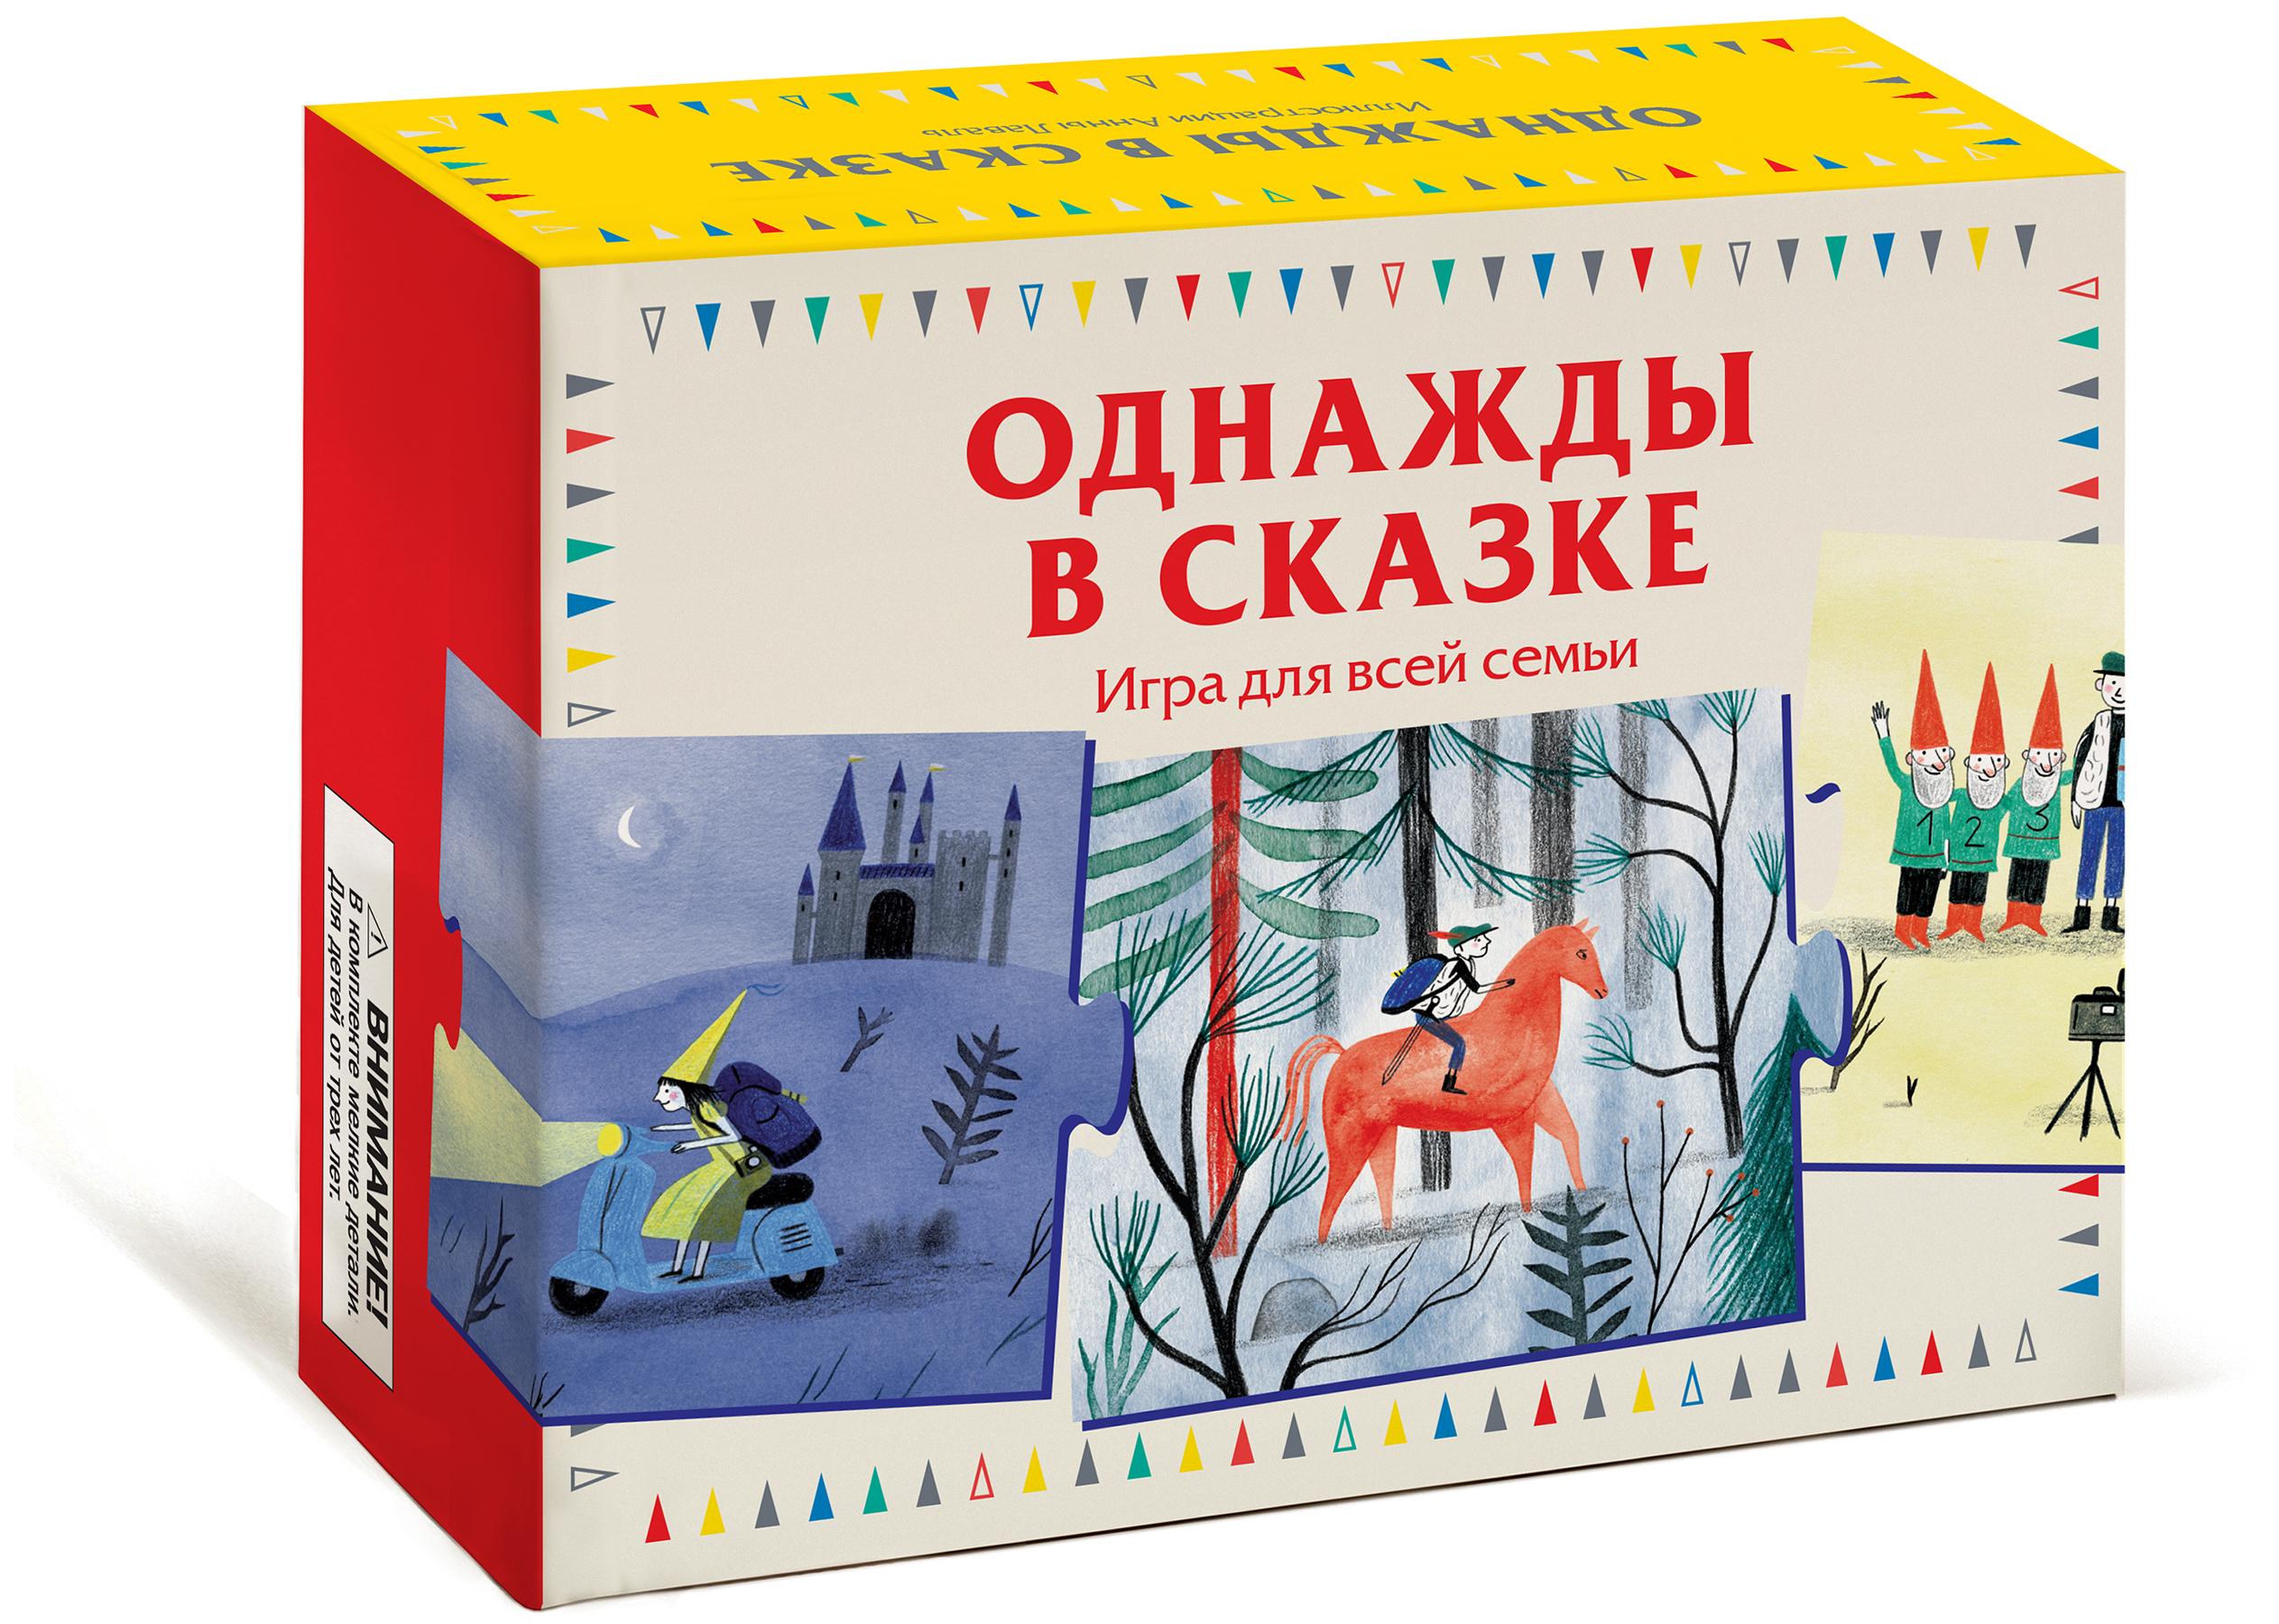 Анна Лаваль Однажды в сказке. Игра для всей семьи (набор из 20 карточек)